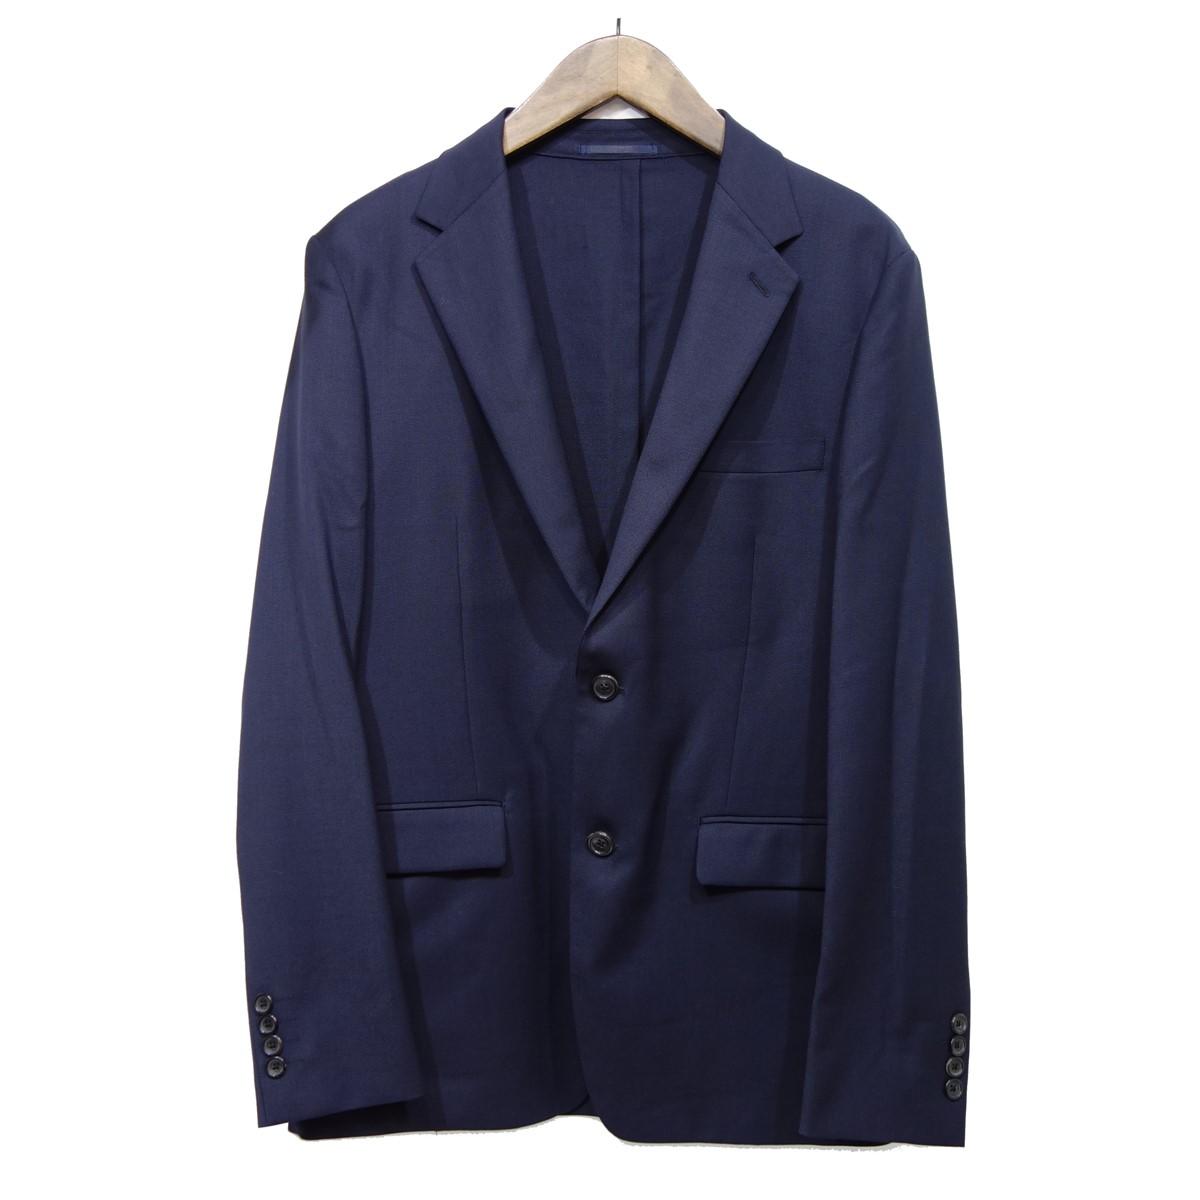 【中古】ESTNATION ウール混ポリエステルテーラード2Bジャケット ネイビー サイズ:50 【070420】(エストネーション)